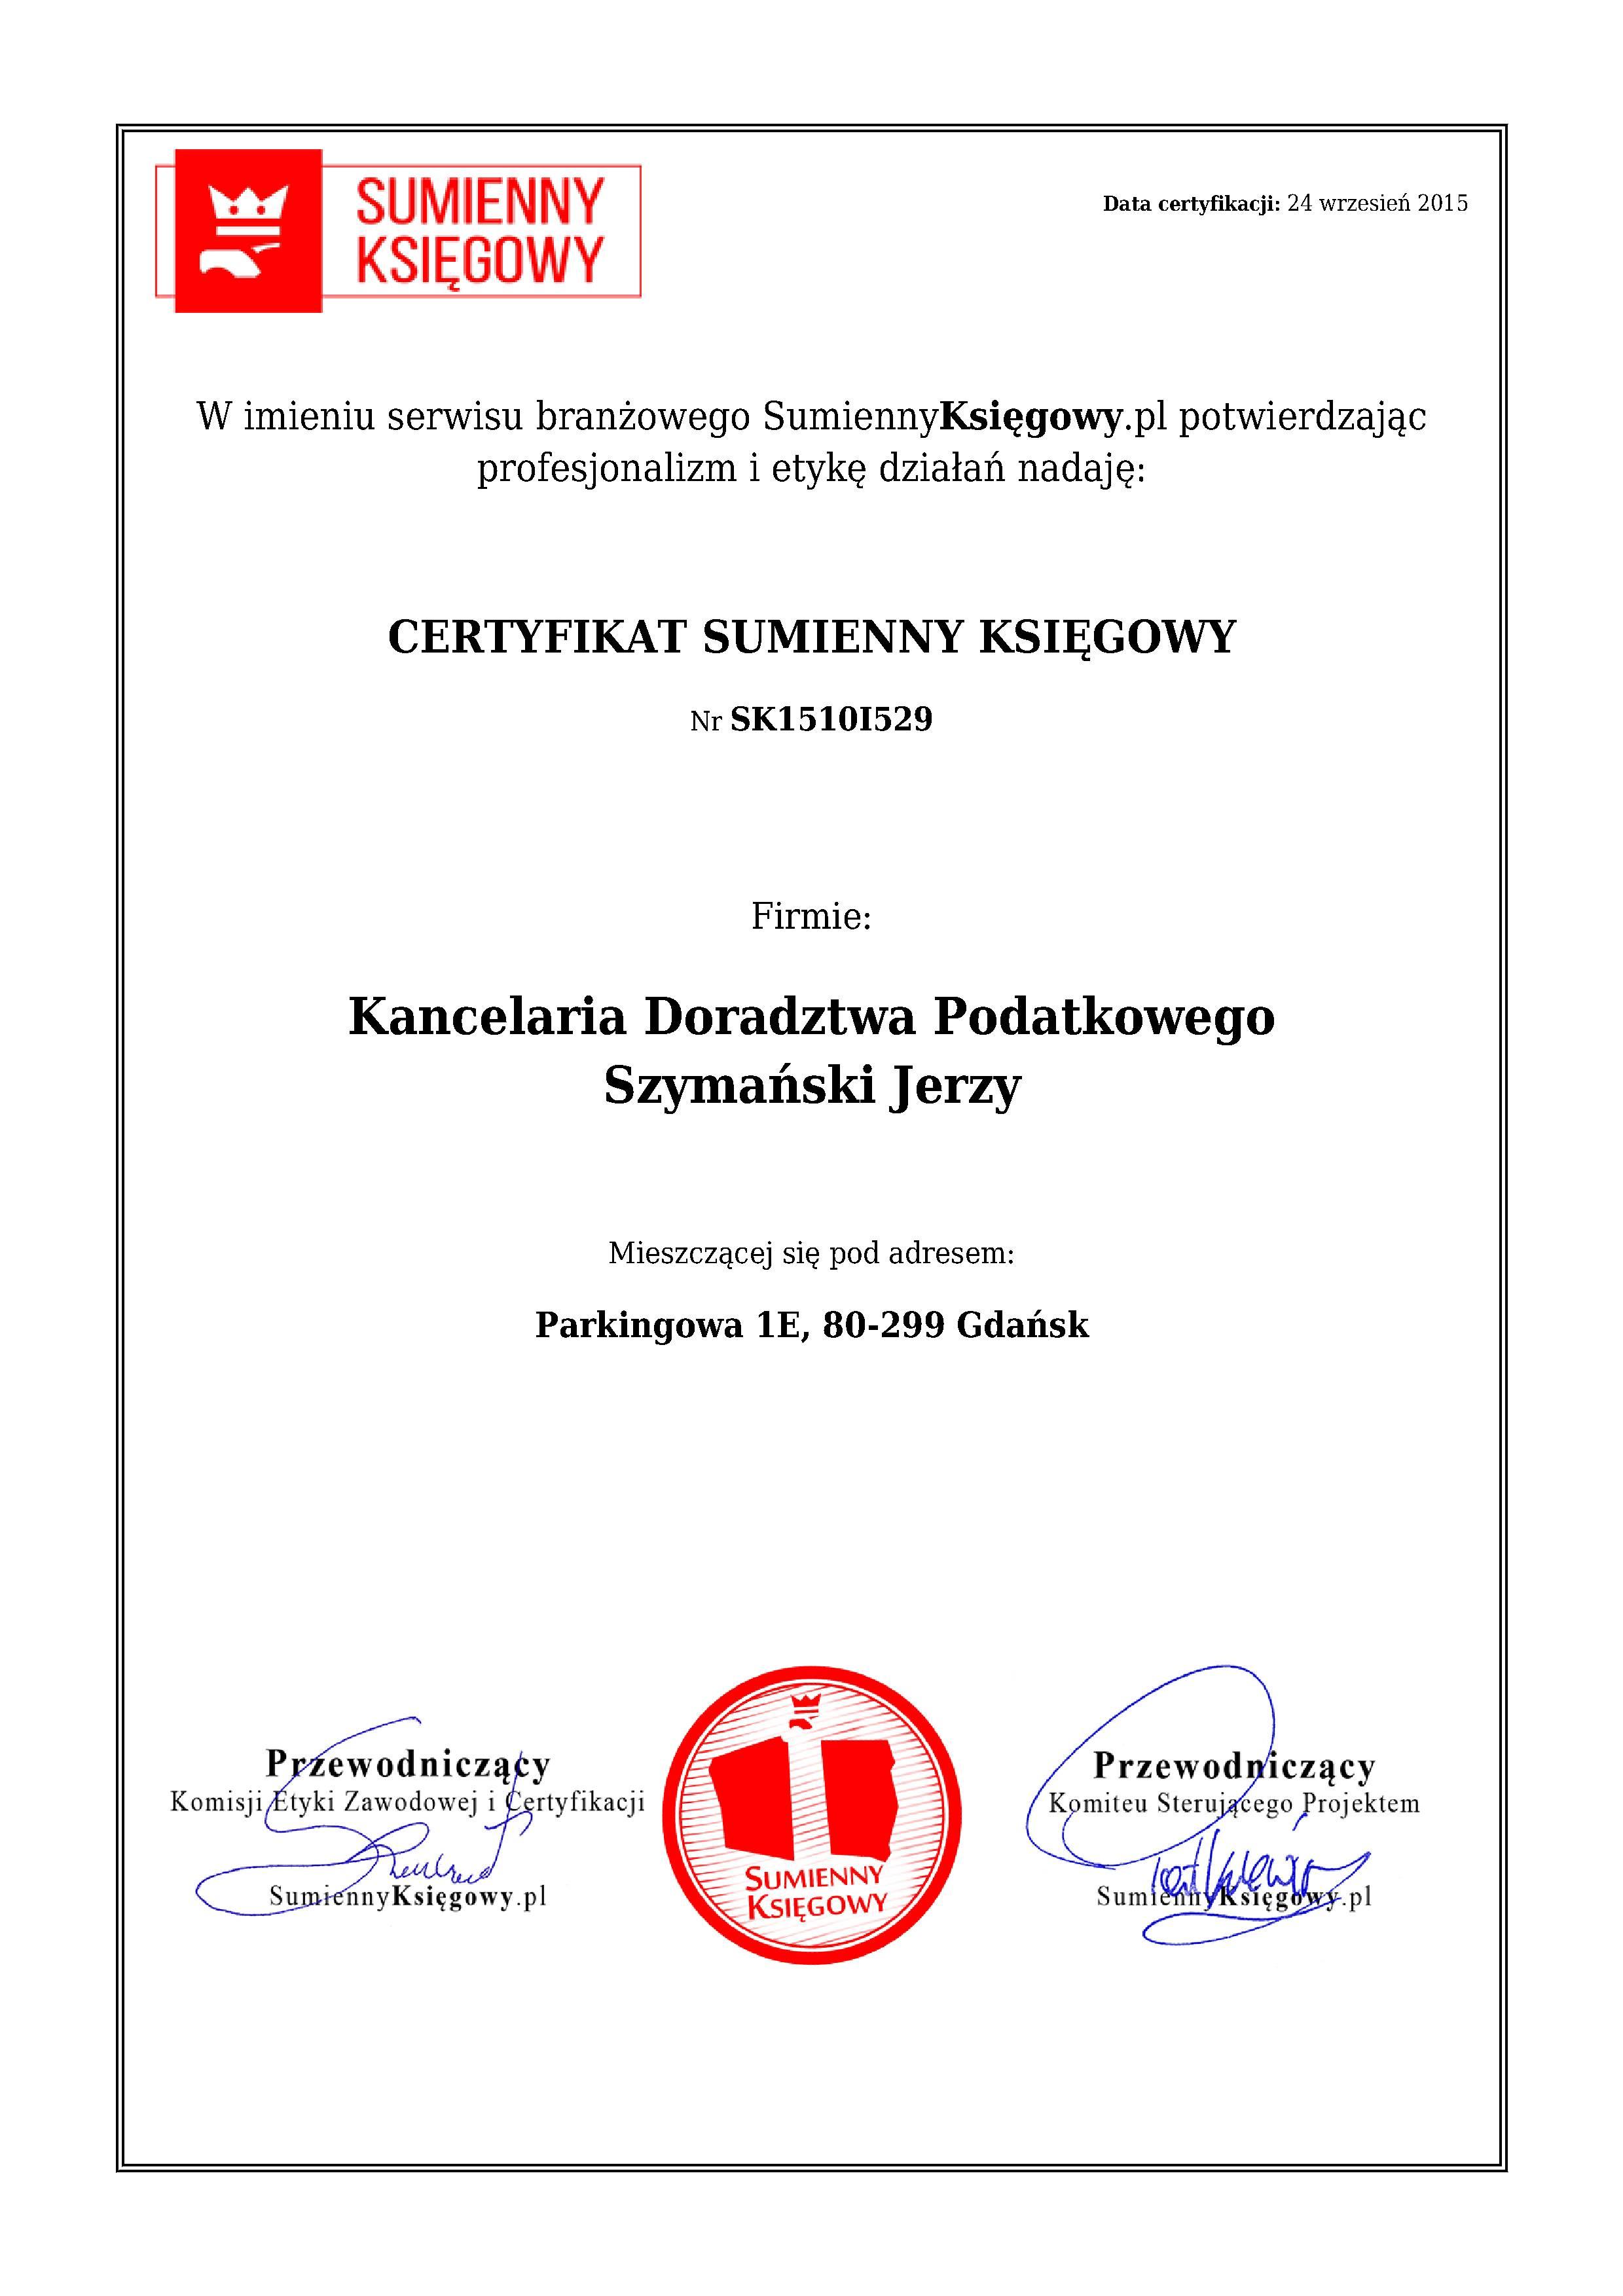 Certyfikat Kancelaria Doradztwa Podatkowego - Szymański Jerzy